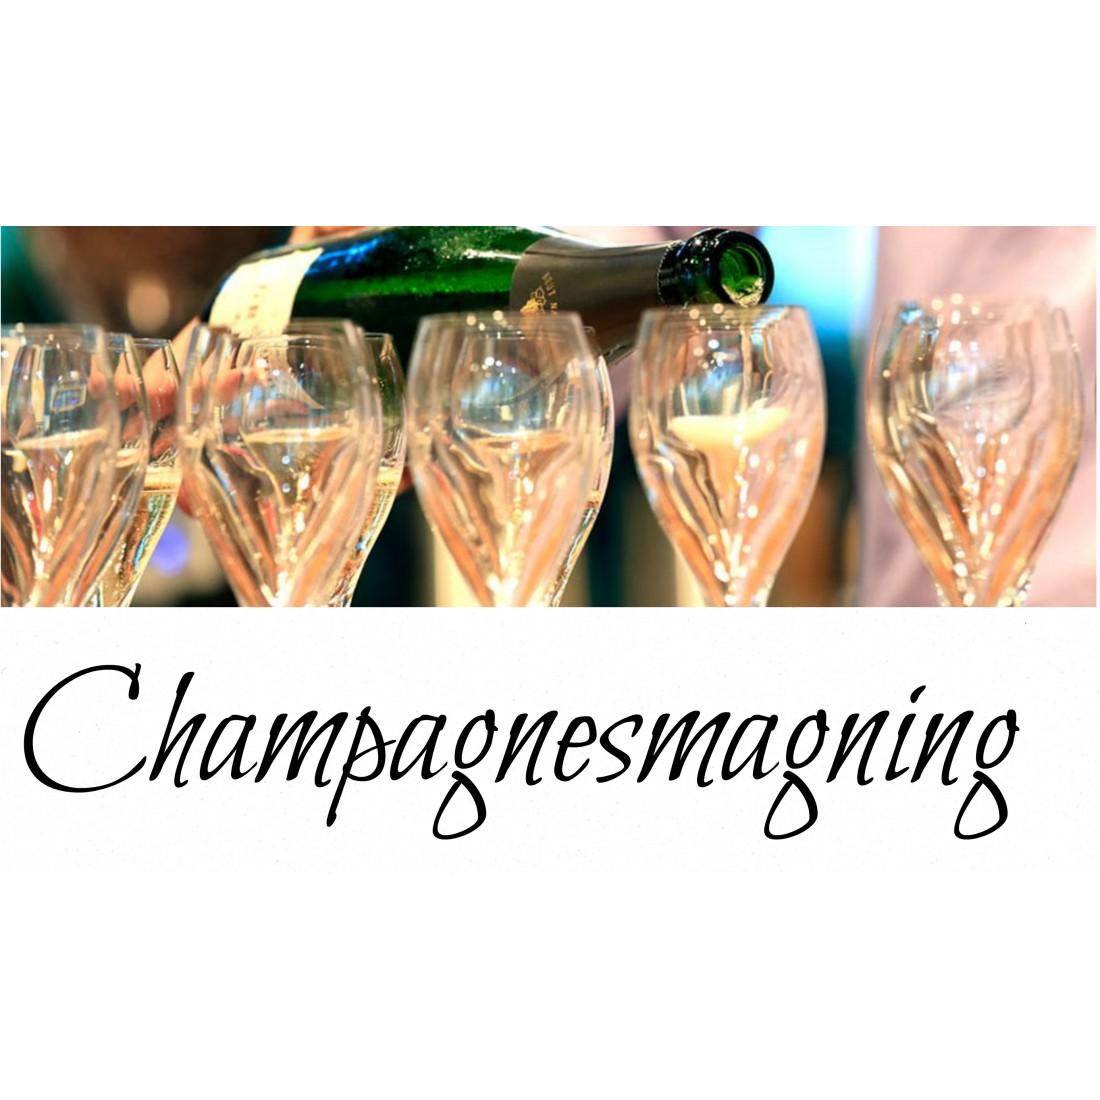 Champagnesmagning lørdag den 8 februar kl. 19.00 I ChampagneKælderen-31